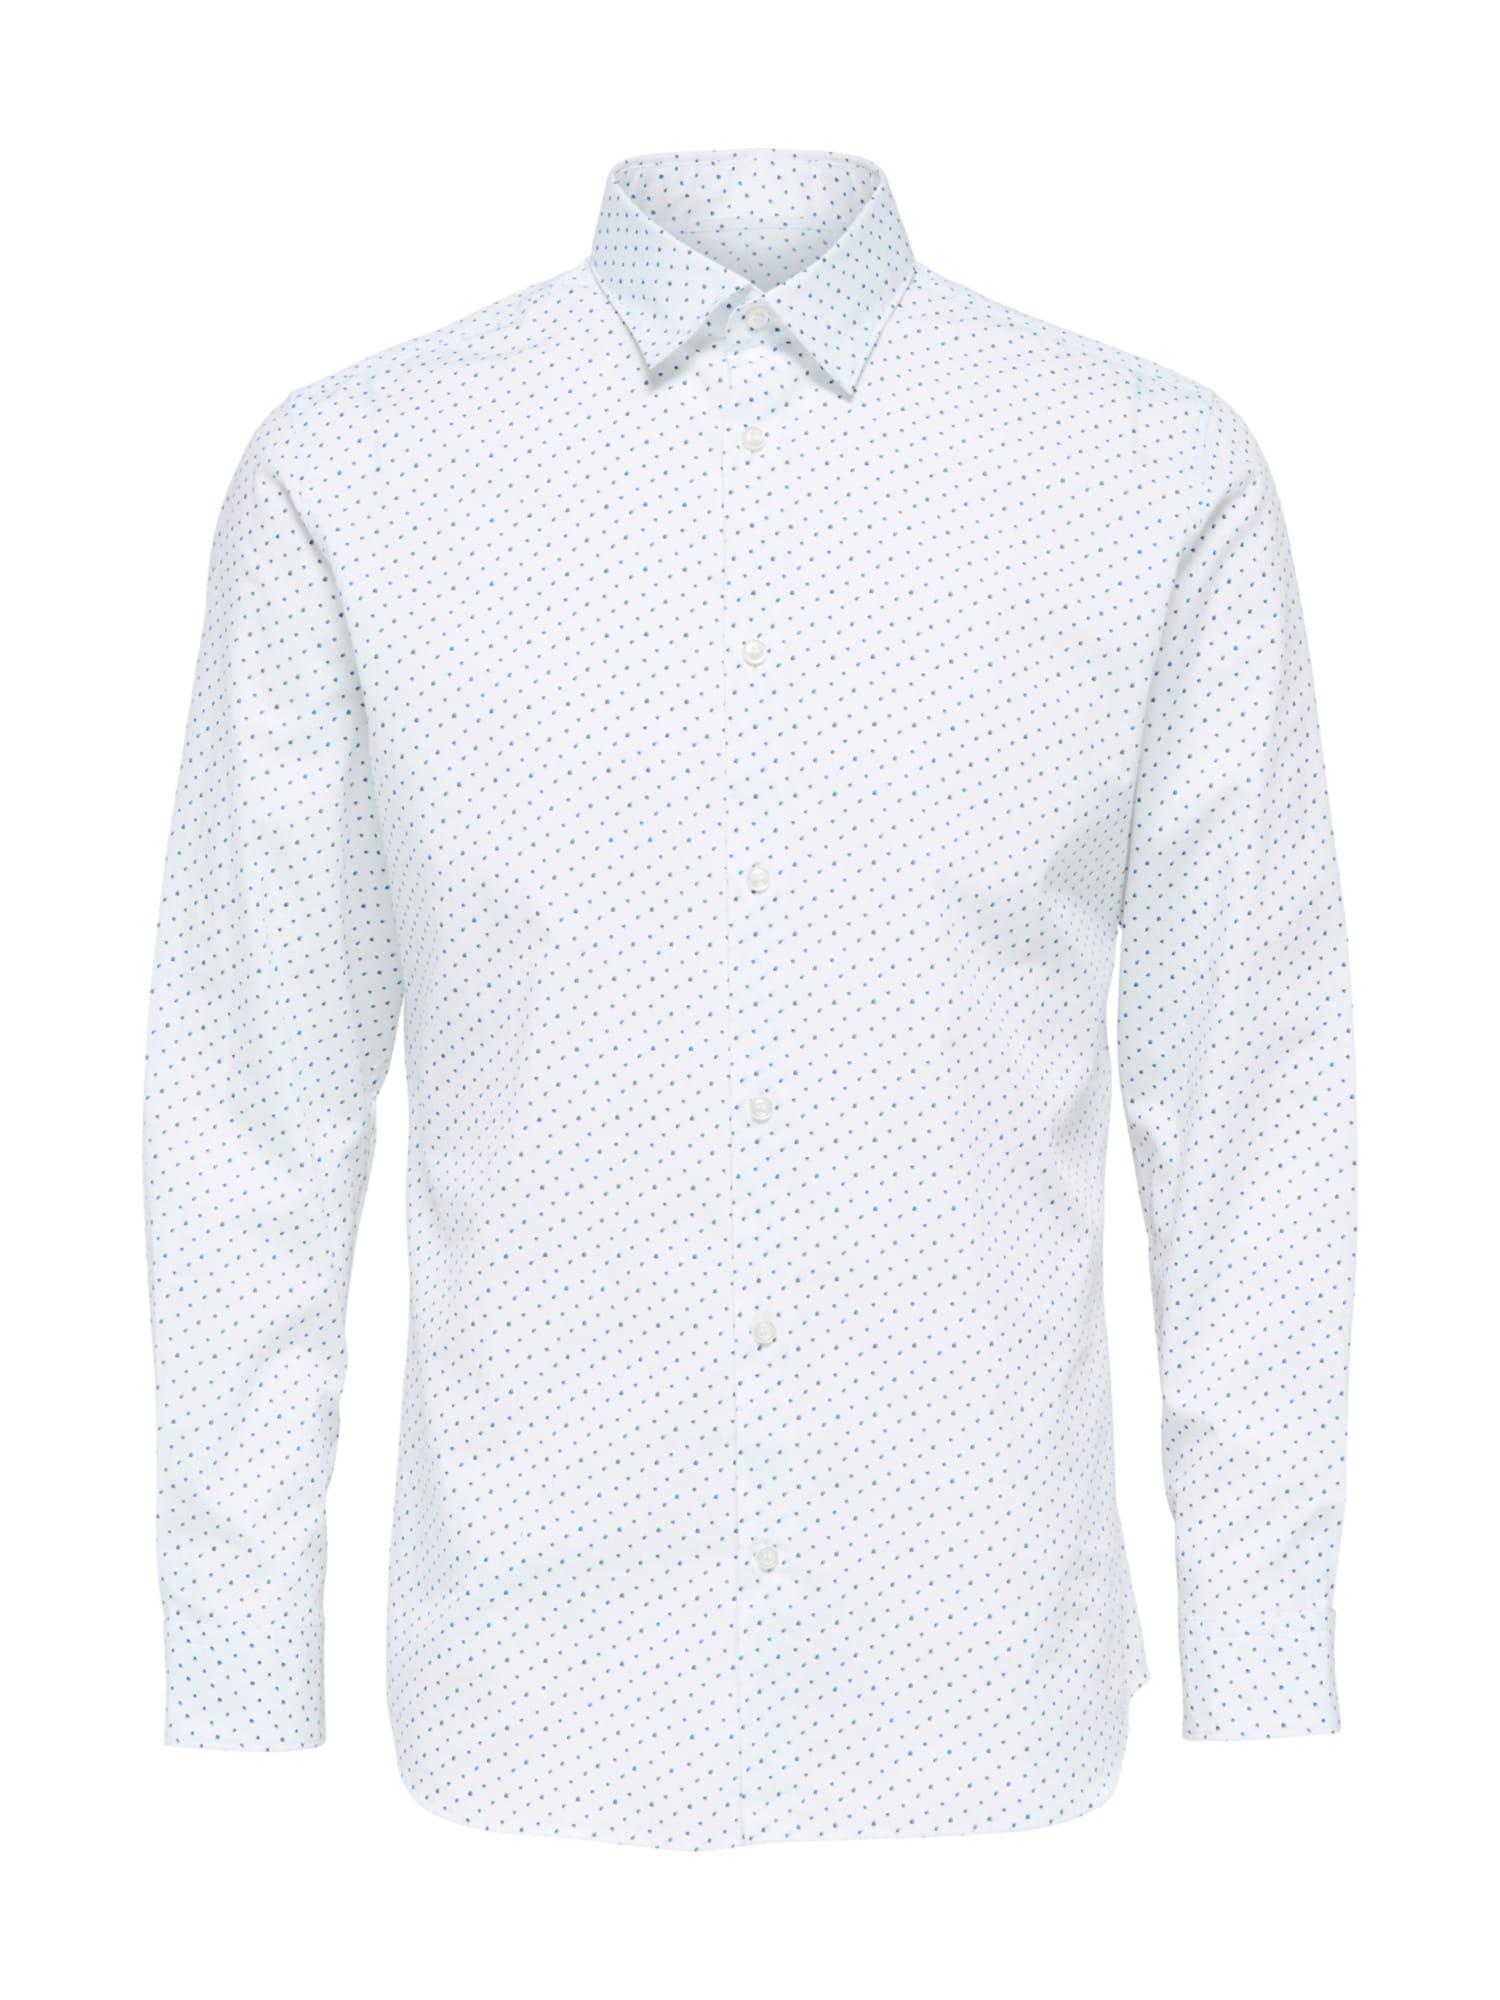 SELECTED HOMME Dalykinio stiliaus marškiniai